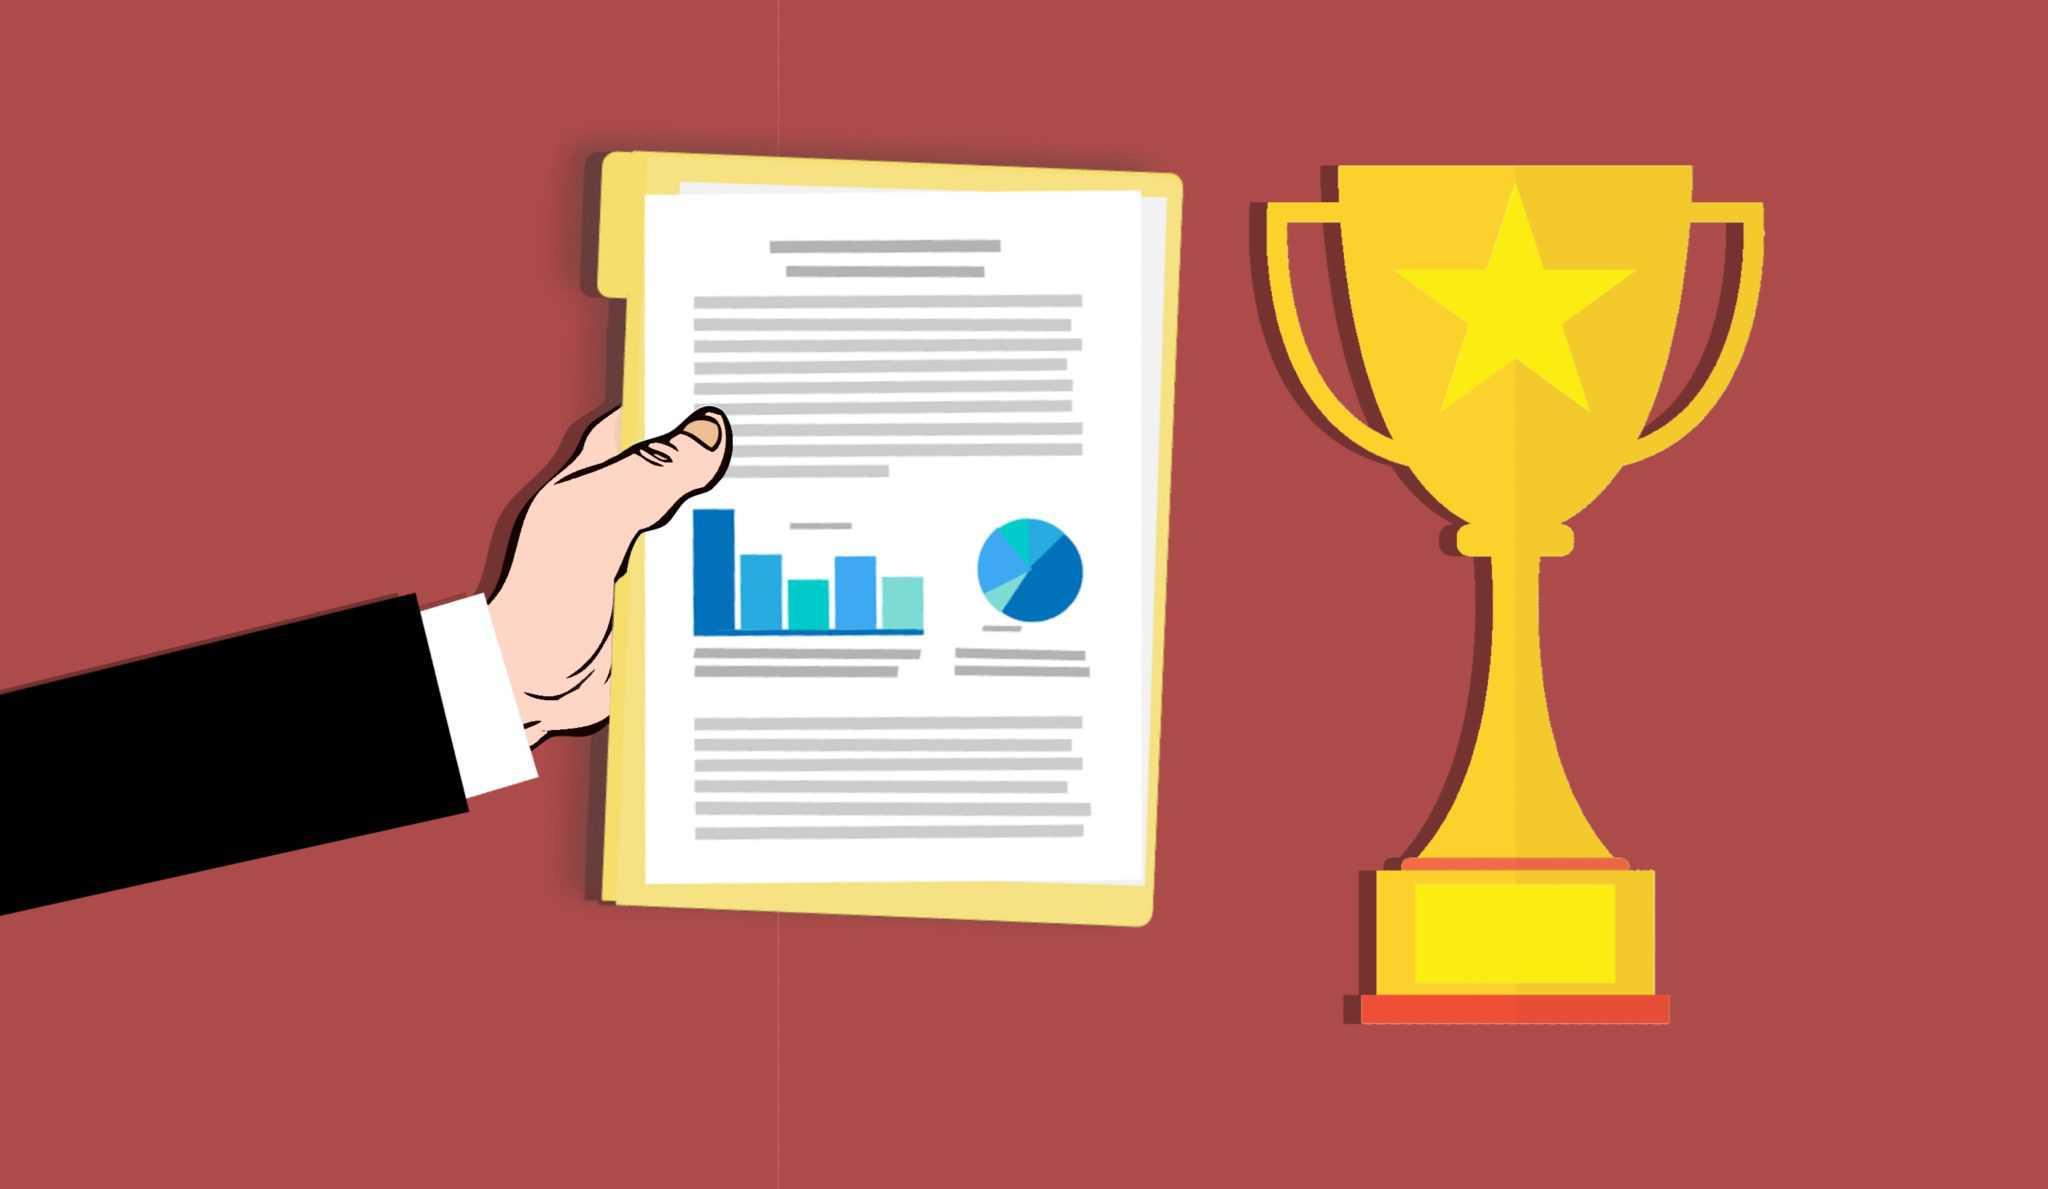 Online-Vertriebsberatung Vertriebsziele definieren | Das Bild zeigt ein Klemmbrett mit einer Analyse und einem Pokal, der als Sinnbild für Erfolg steht